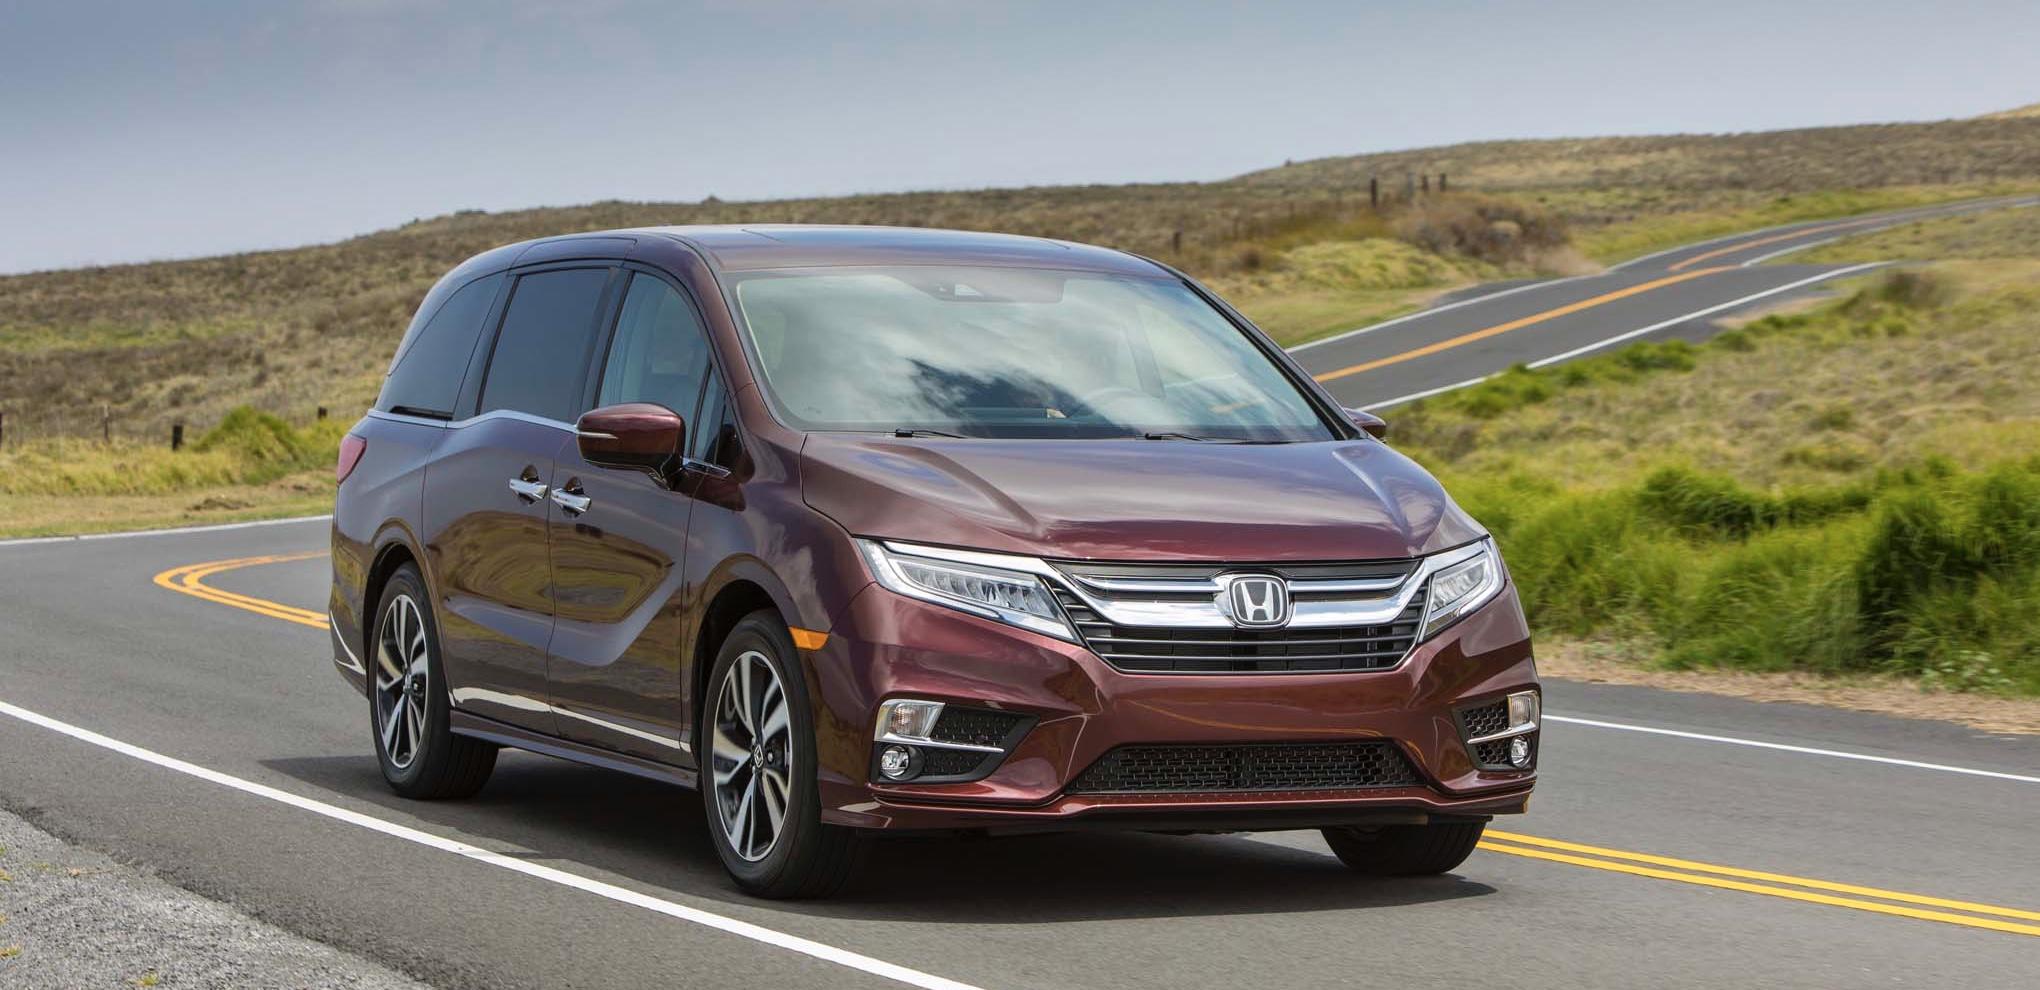 2018 Honda Odyssey Review Ball Honda